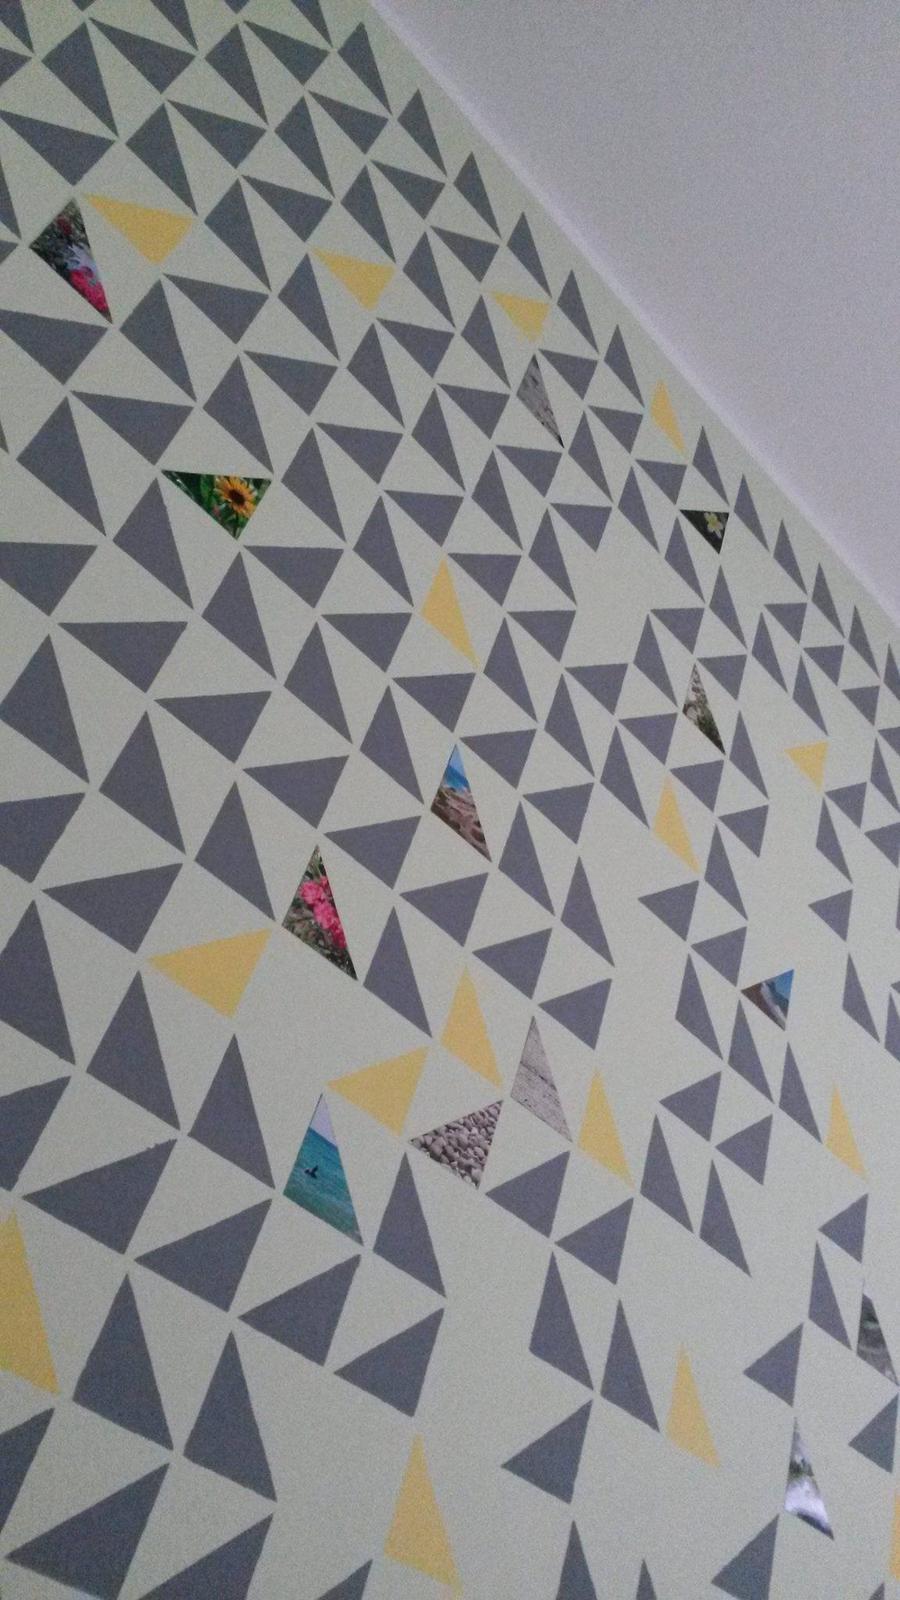 Šablóny na malování stěn i nábytku - Obrázek č. 8